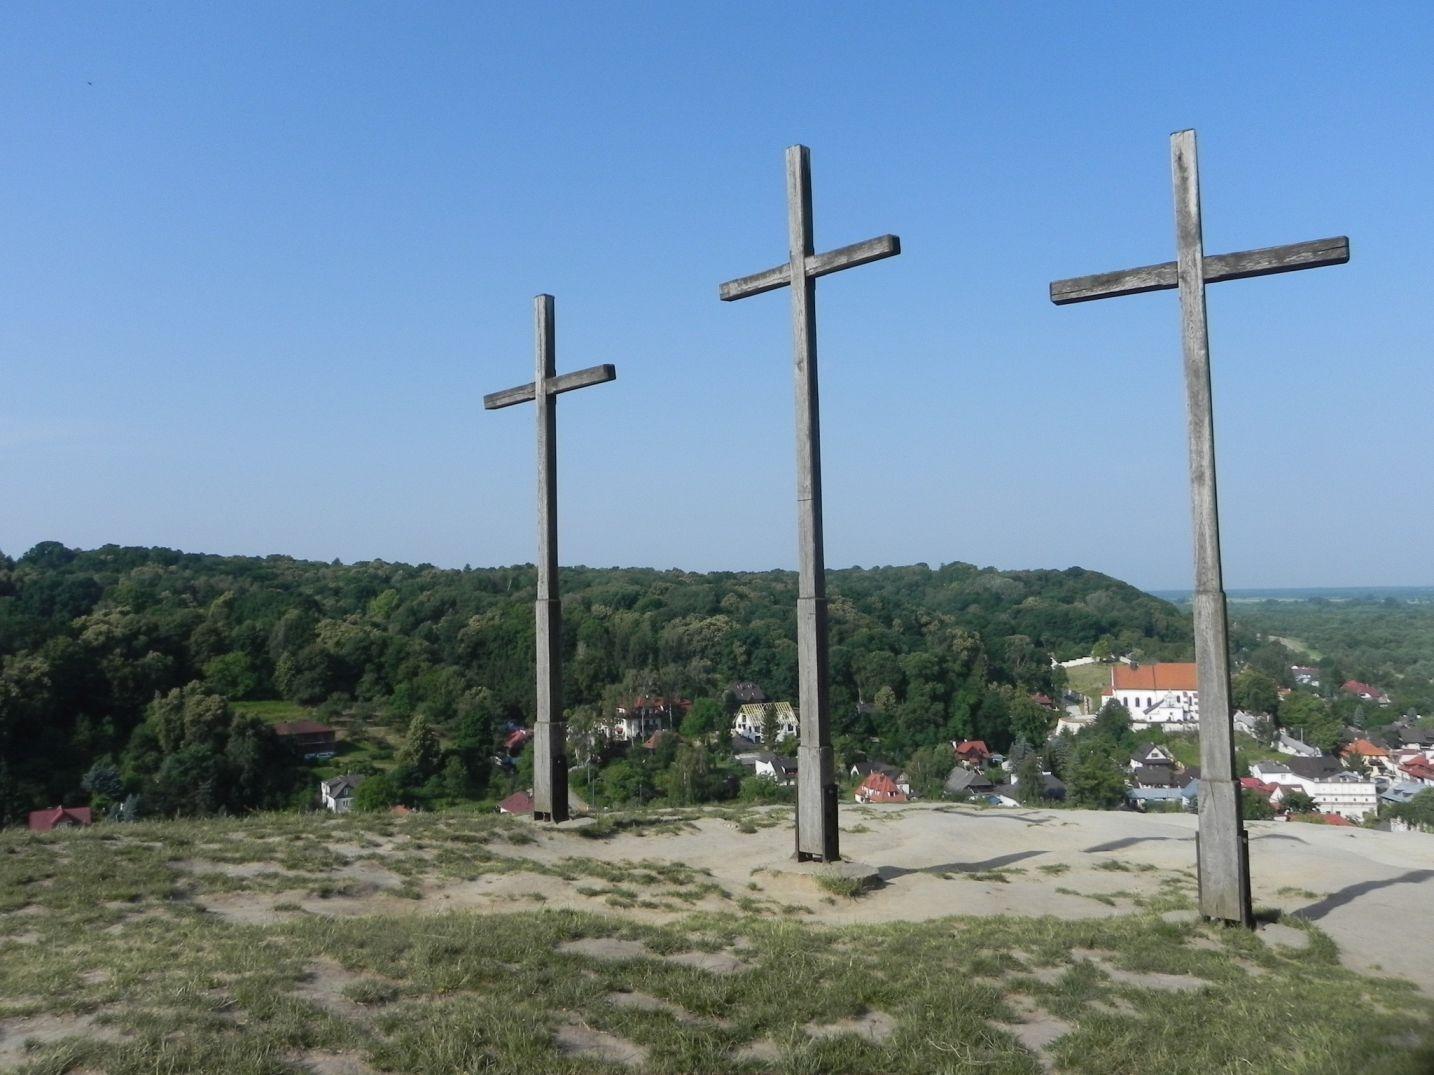 2016-06-26 Kazimierz Dolny - festiwal (39)